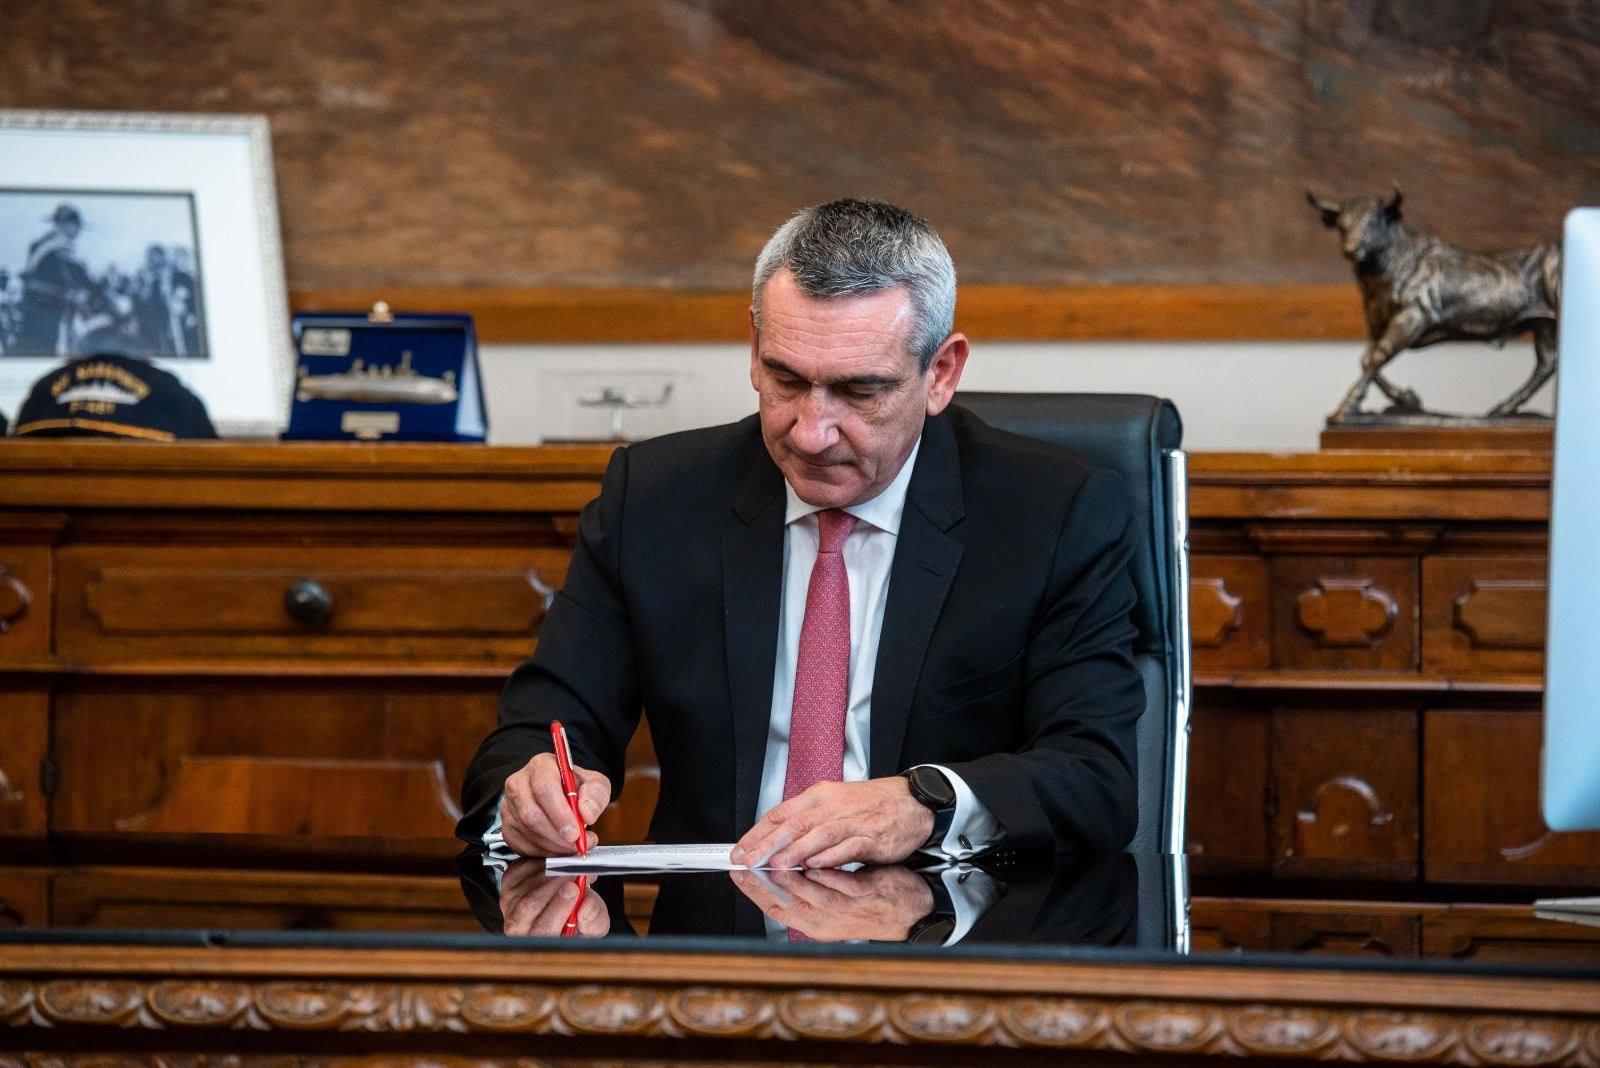 Αναβάθμιση του Δημοτικού Σταδίου Άνδρου με χρηματοδότηση από την Περιφέρεια Νοτίου Αιγαίου